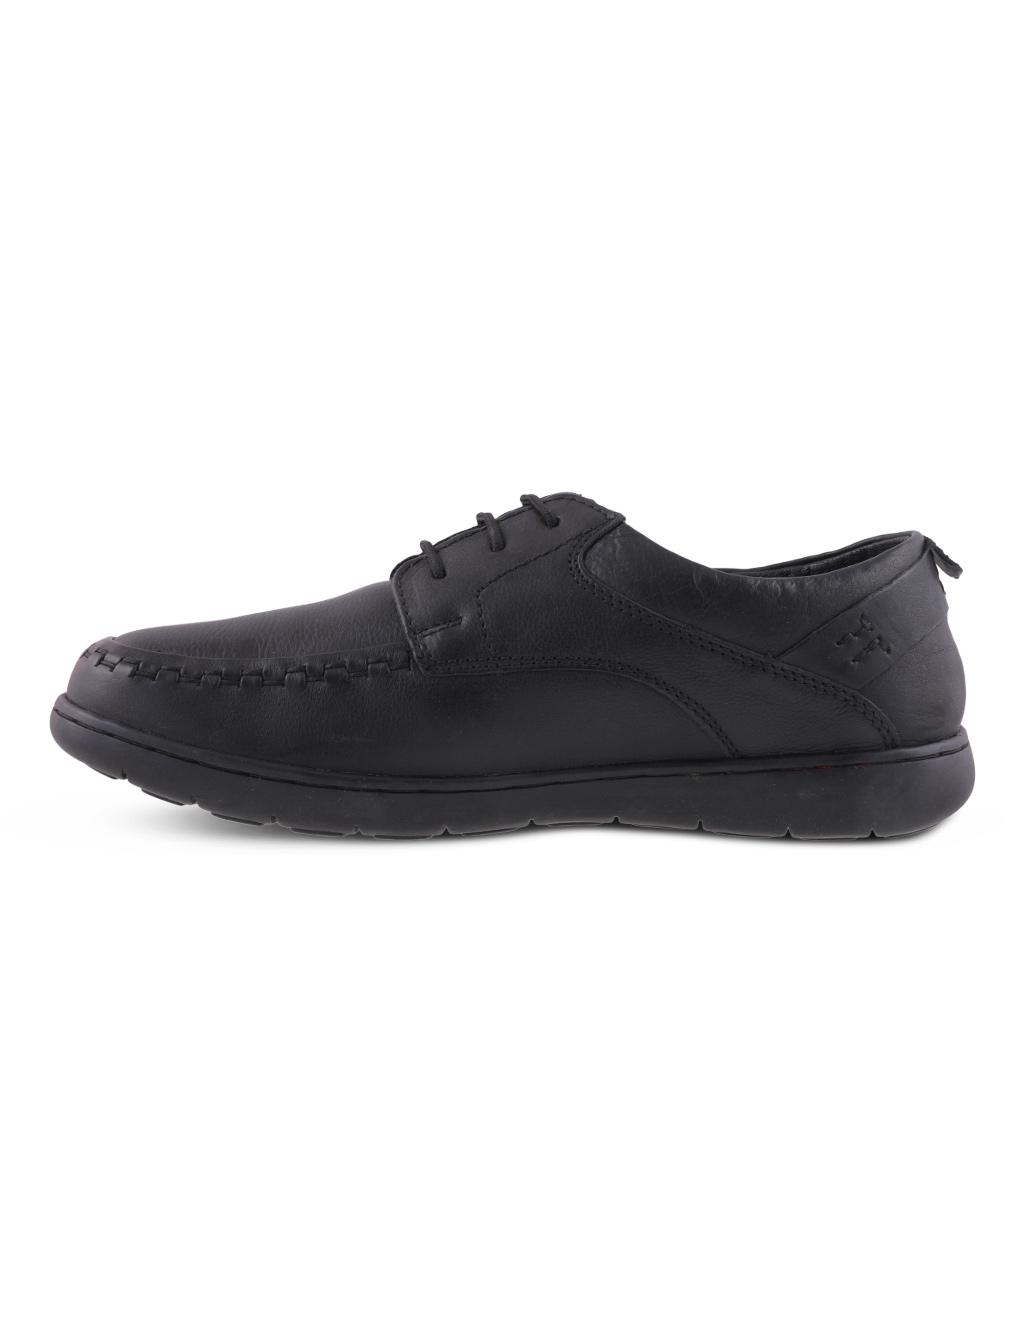 7066390c3bd Lee Cooper Men s Black Semi Formal Shoes - Buy Online at Best Prices ...